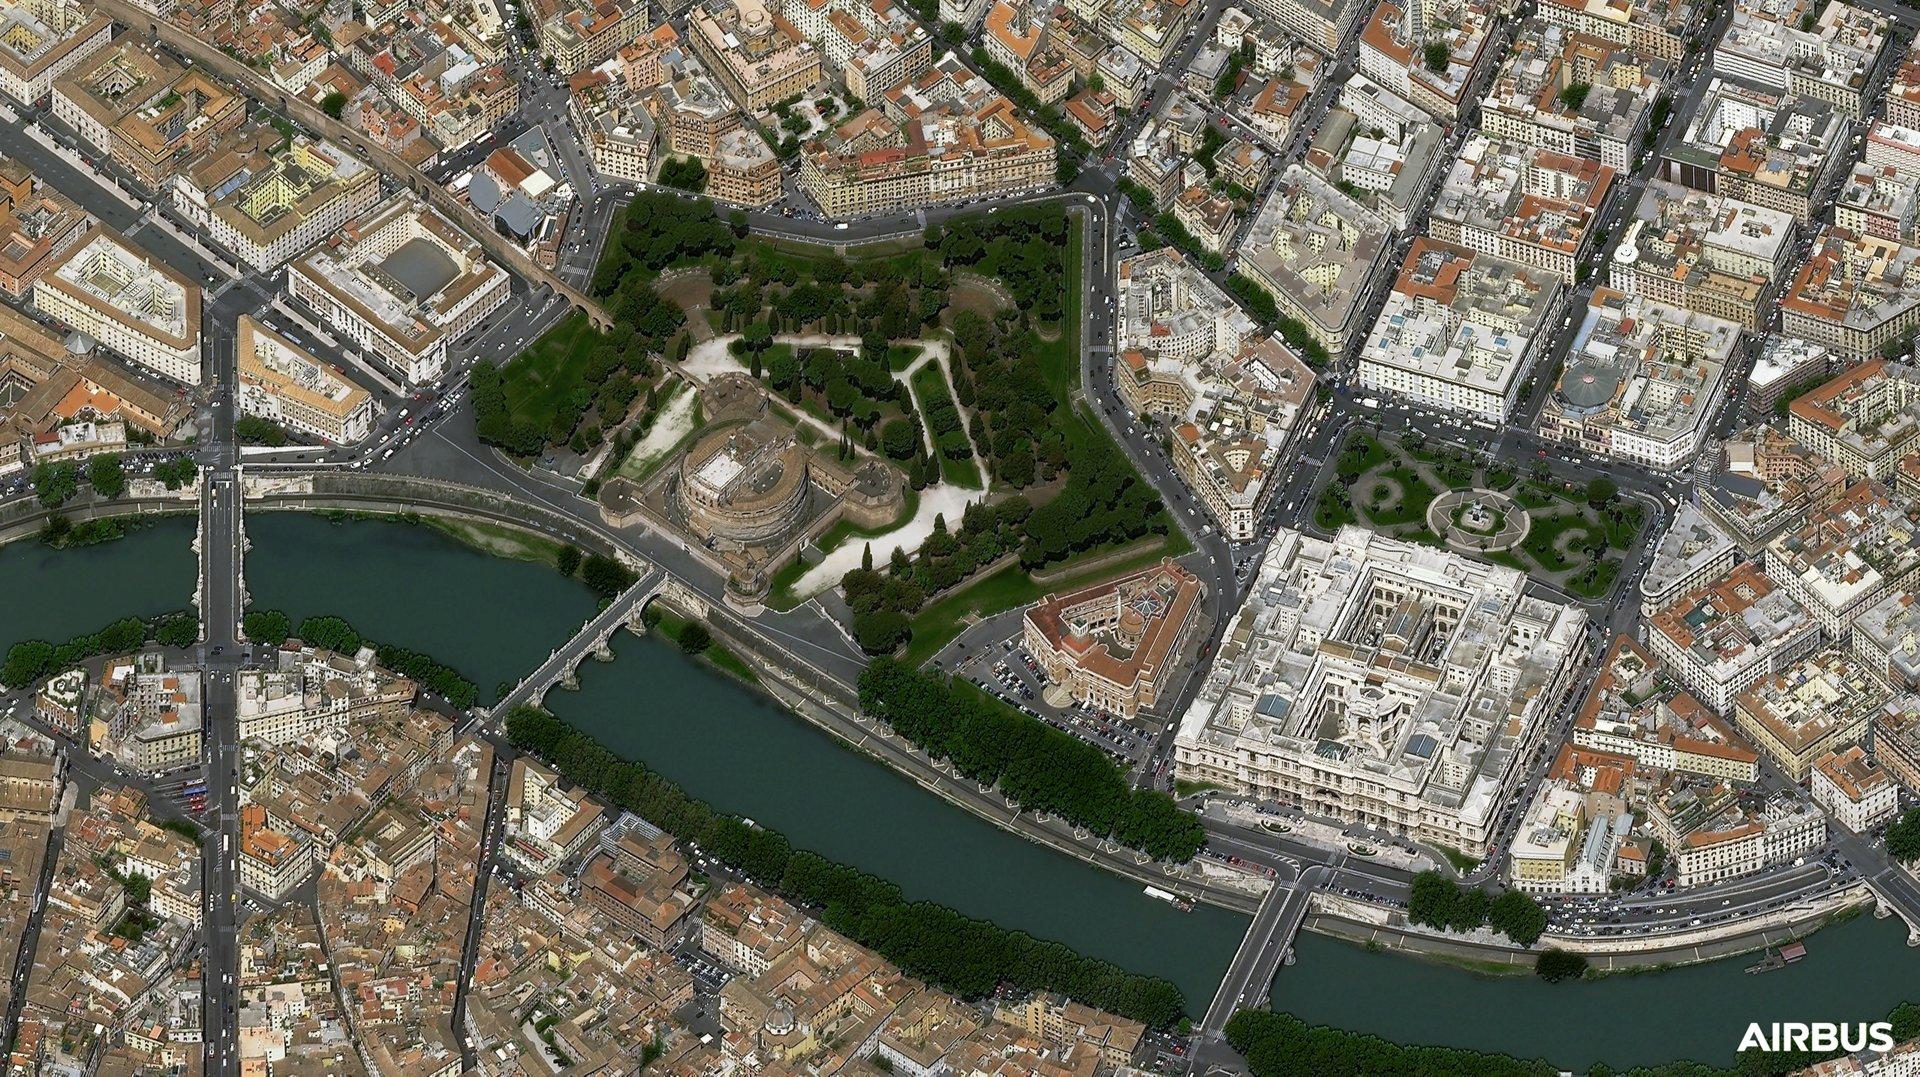 圣安杰洛城堡,罗马,意大利,30厘米的本地分辨率,Pléiades Neo 3卫星